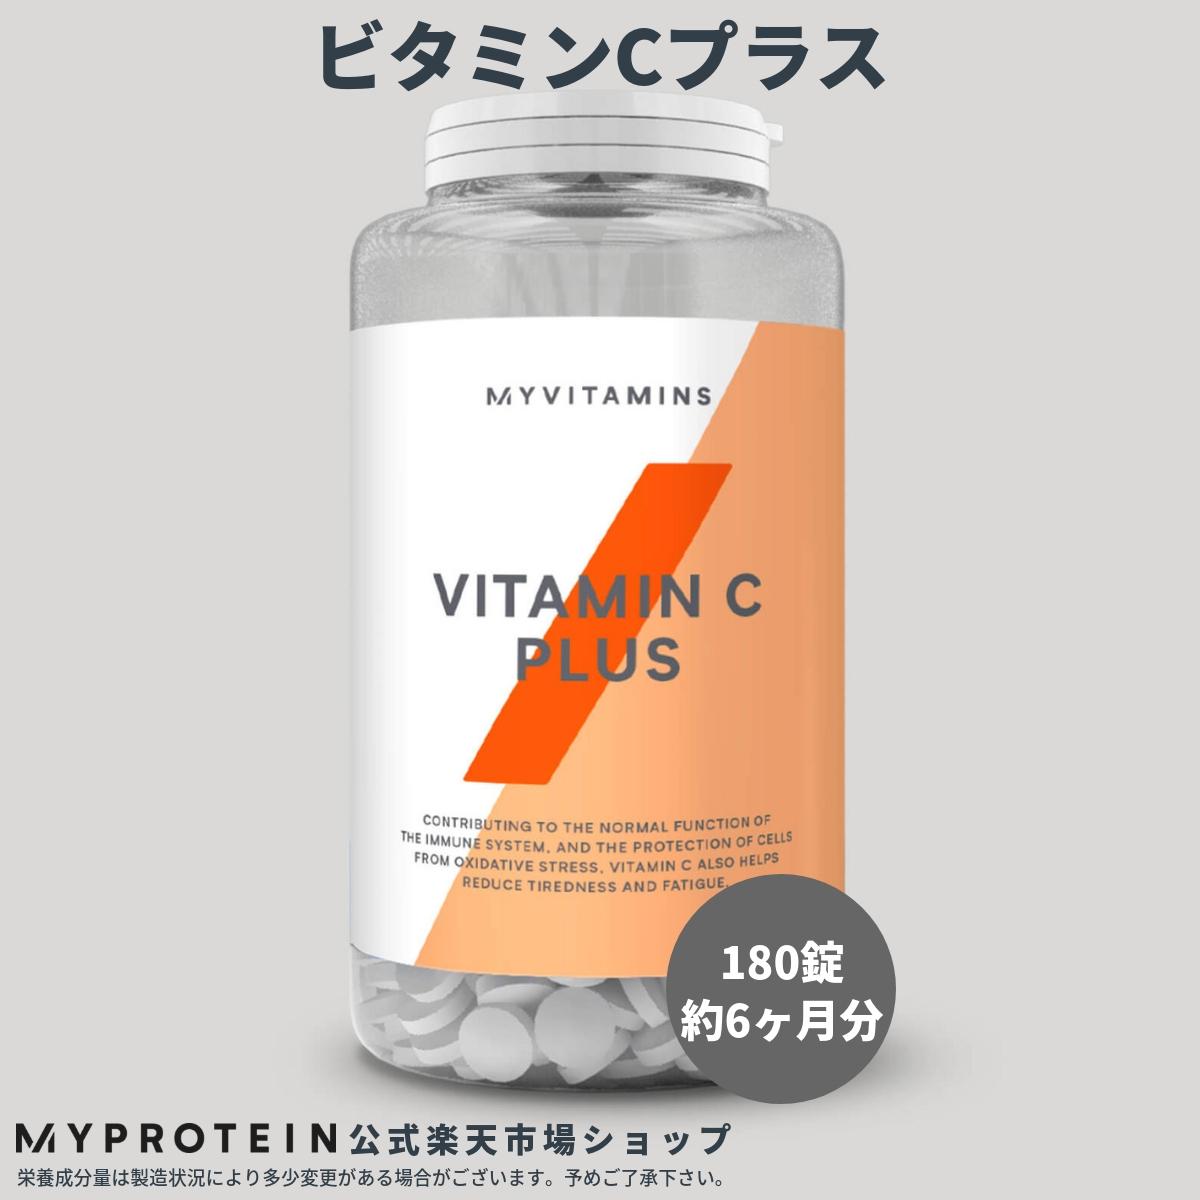 マイプロテイン 公式 【MyProtein】 ビタミンC プラス 180錠 約6ヶ月| サプリメント サプリ ビタミン 栄養補助 栄養補助食品 美容サプリ 美容サプリメント 健康サプリ ローズヒップ